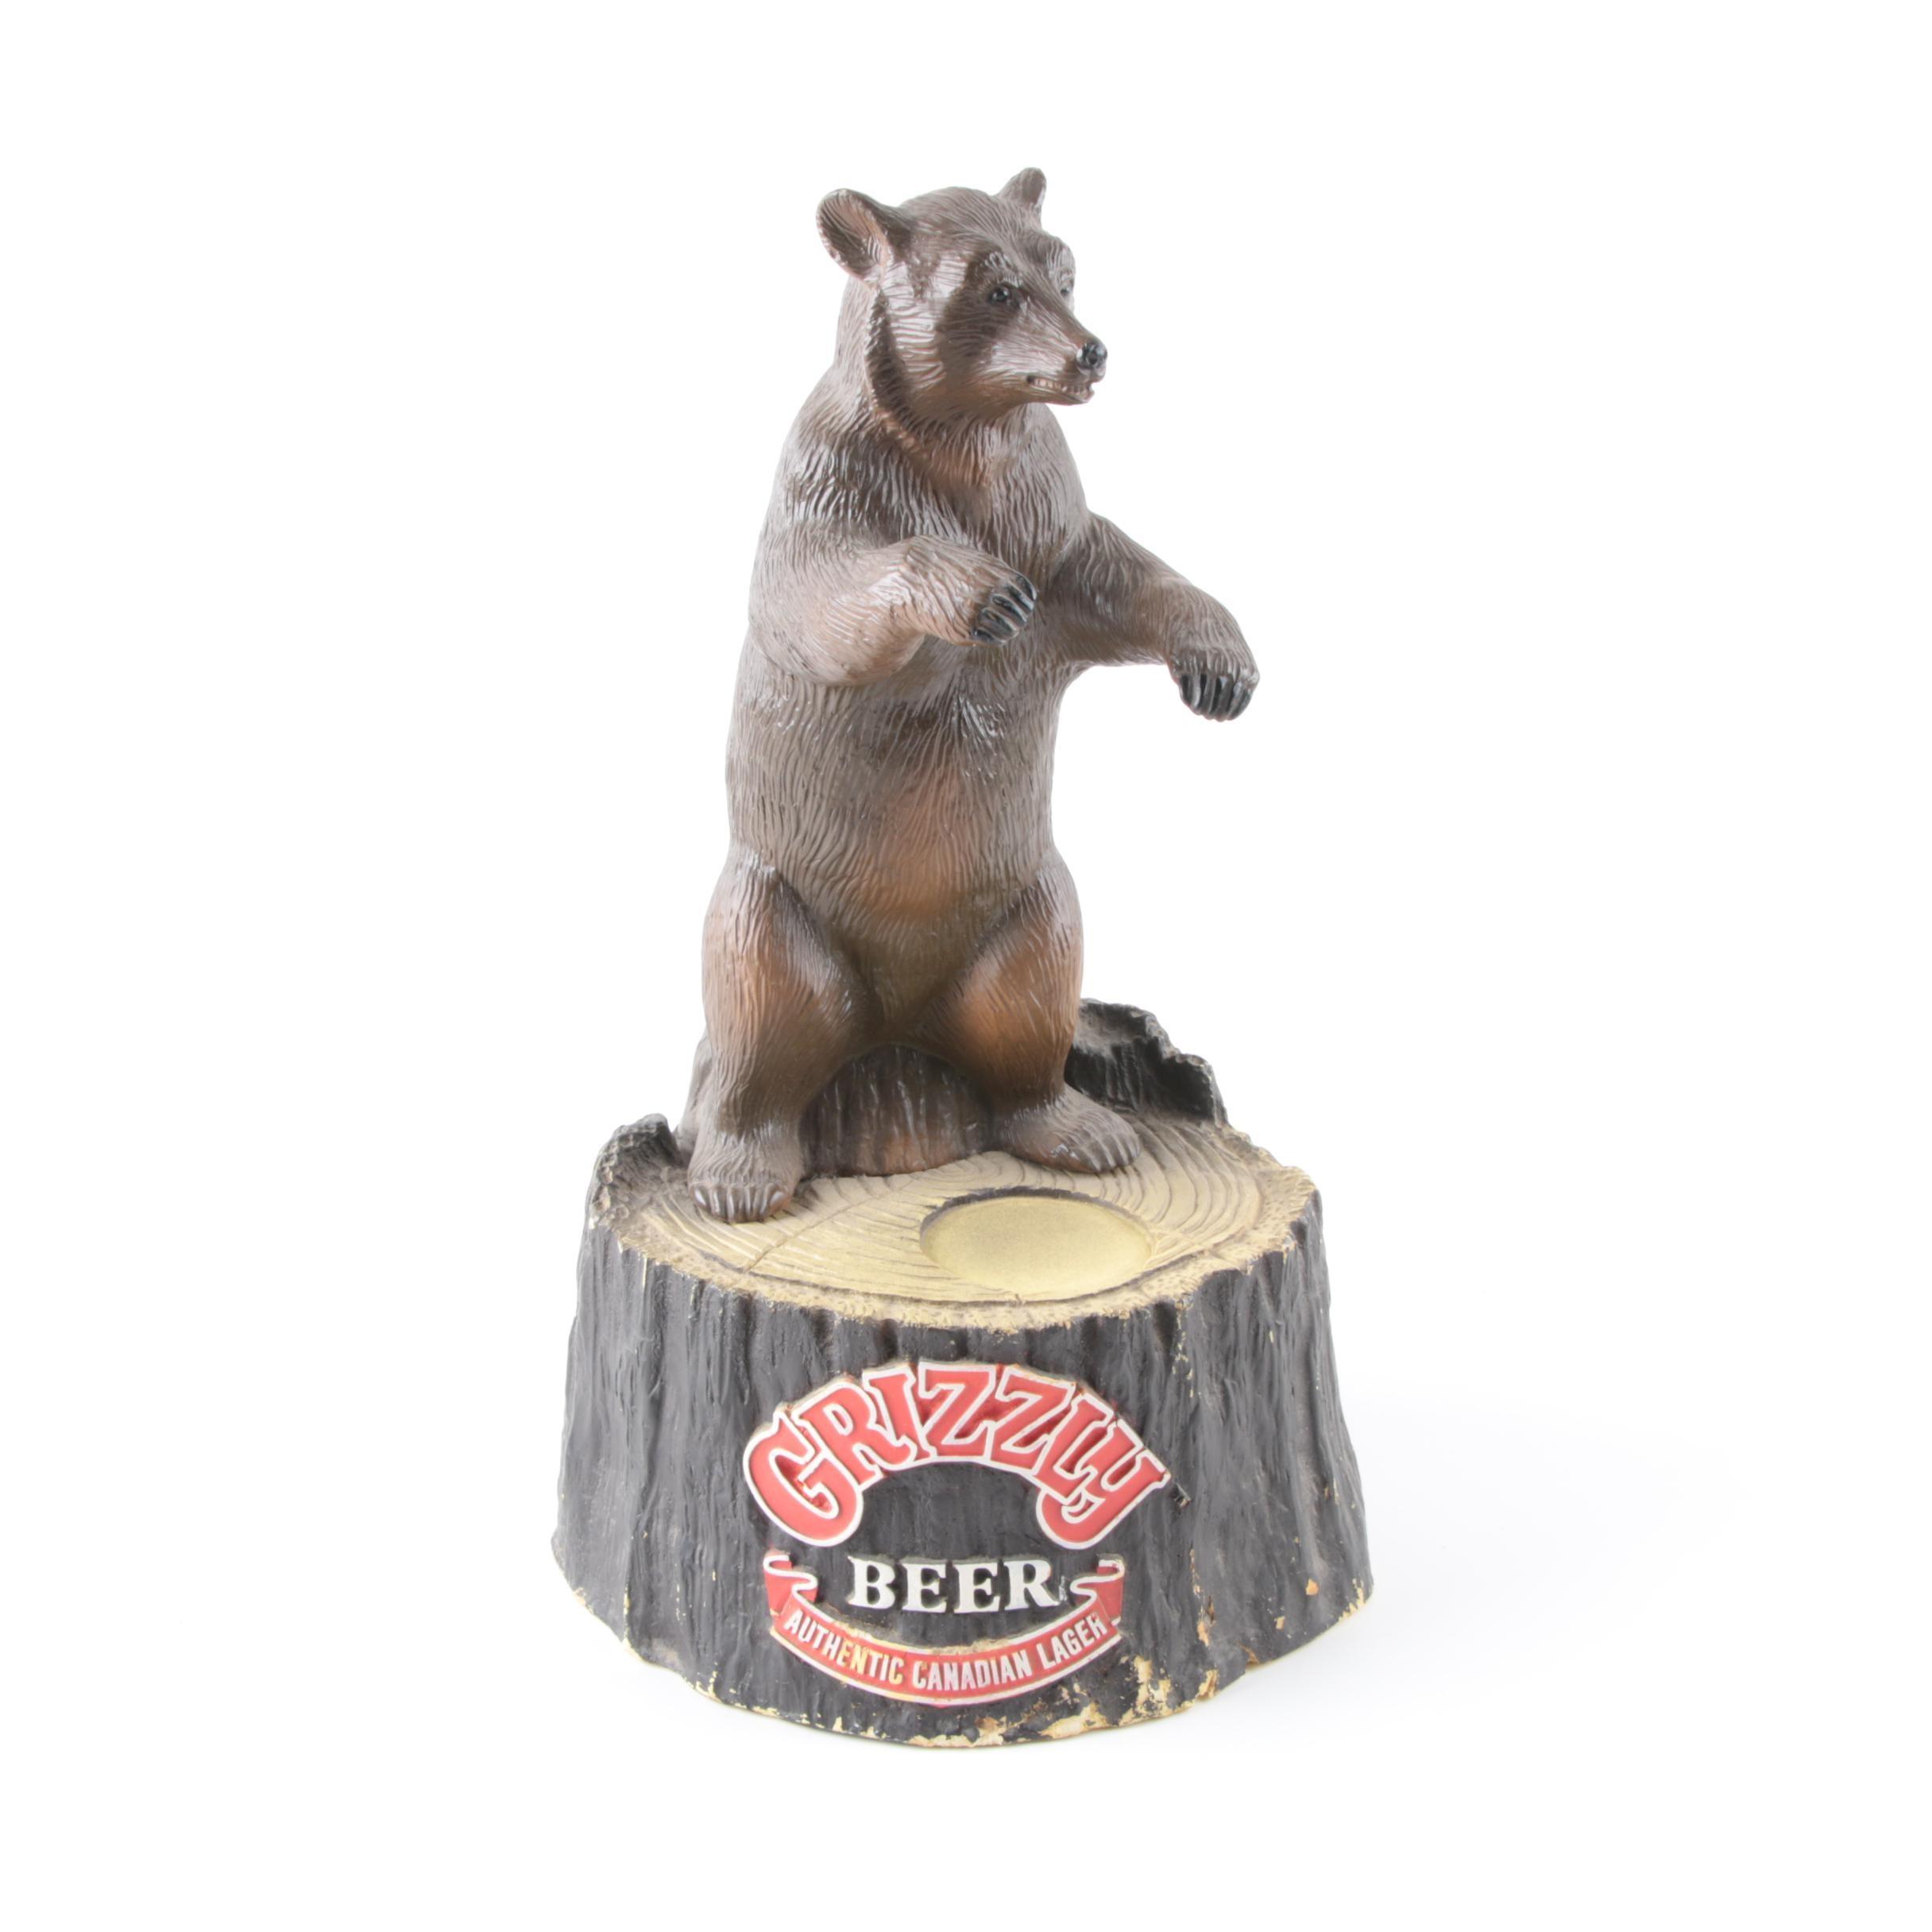 """Vintage """"Grizzly Beer"""" Advertising Display"""